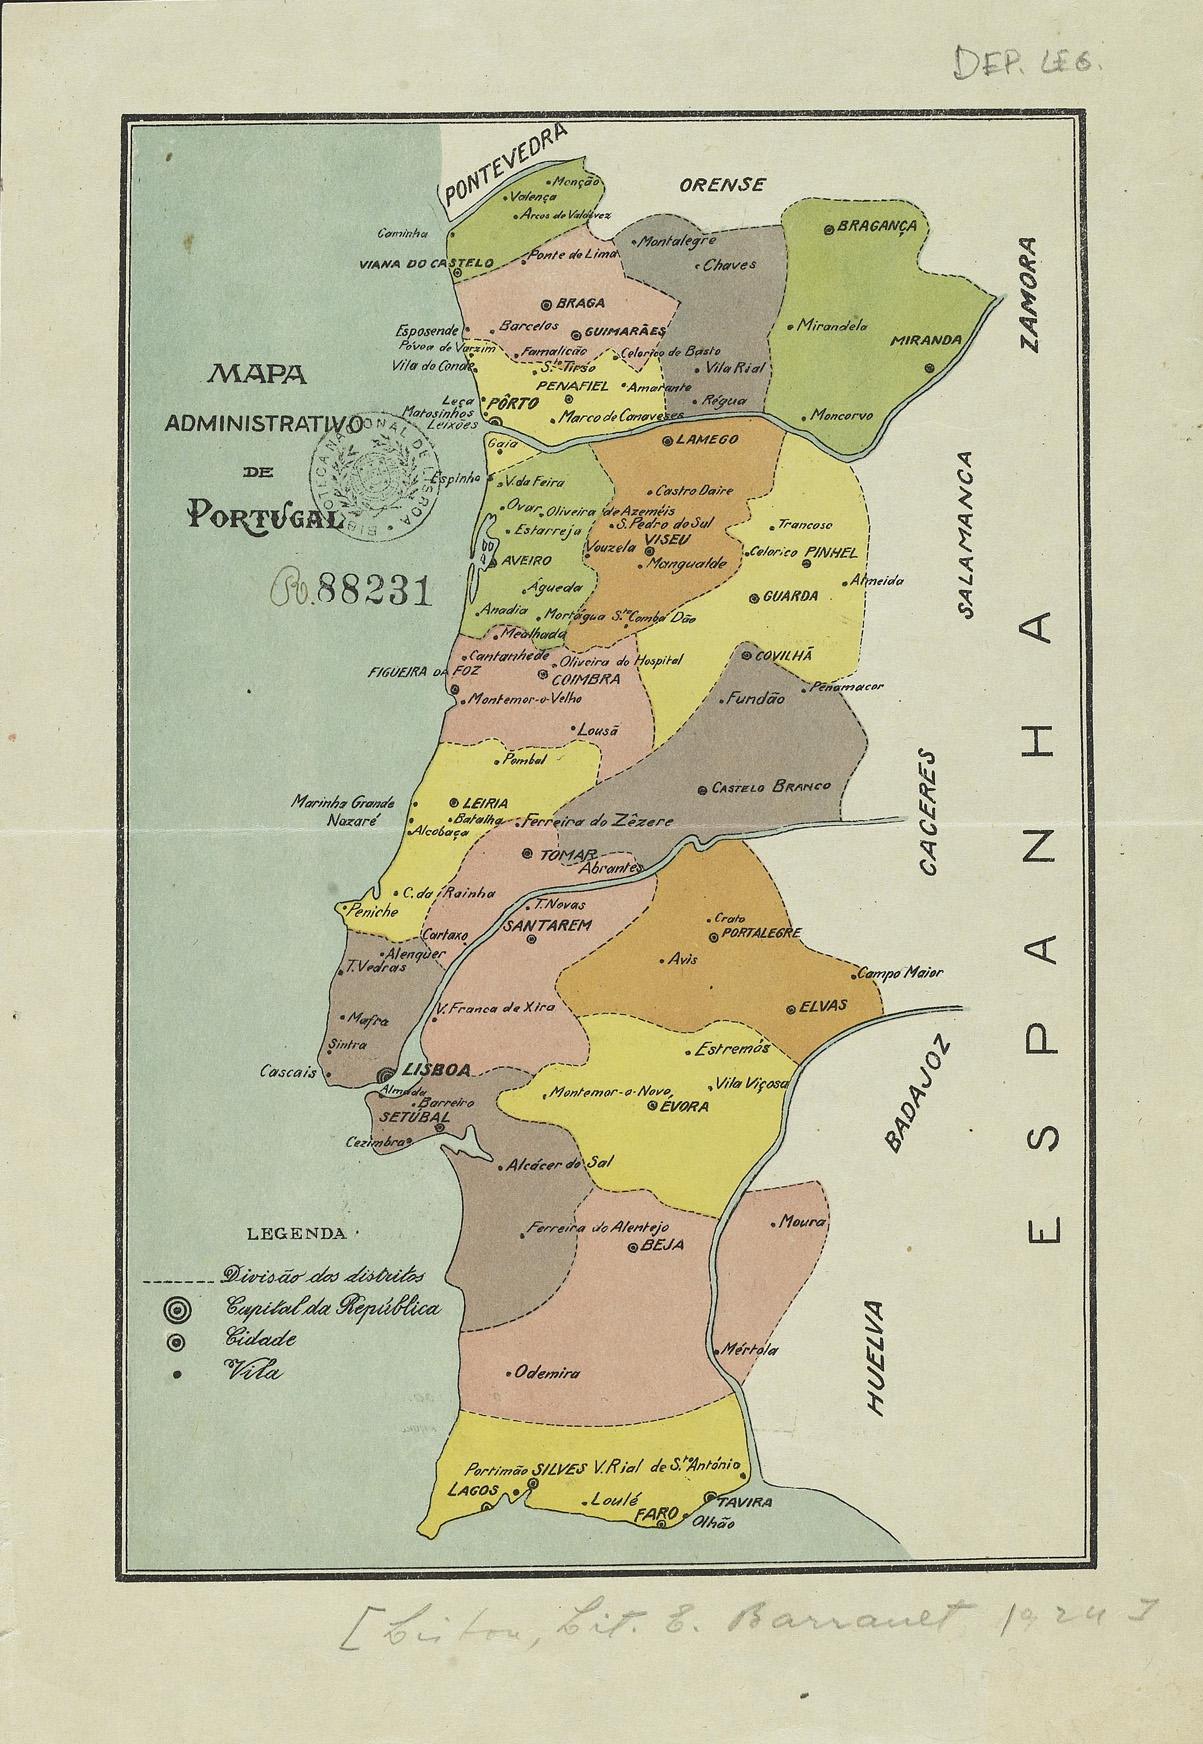 mapa com escala de portugal Mapa administrativo de Portugal mapa com escala de portugal